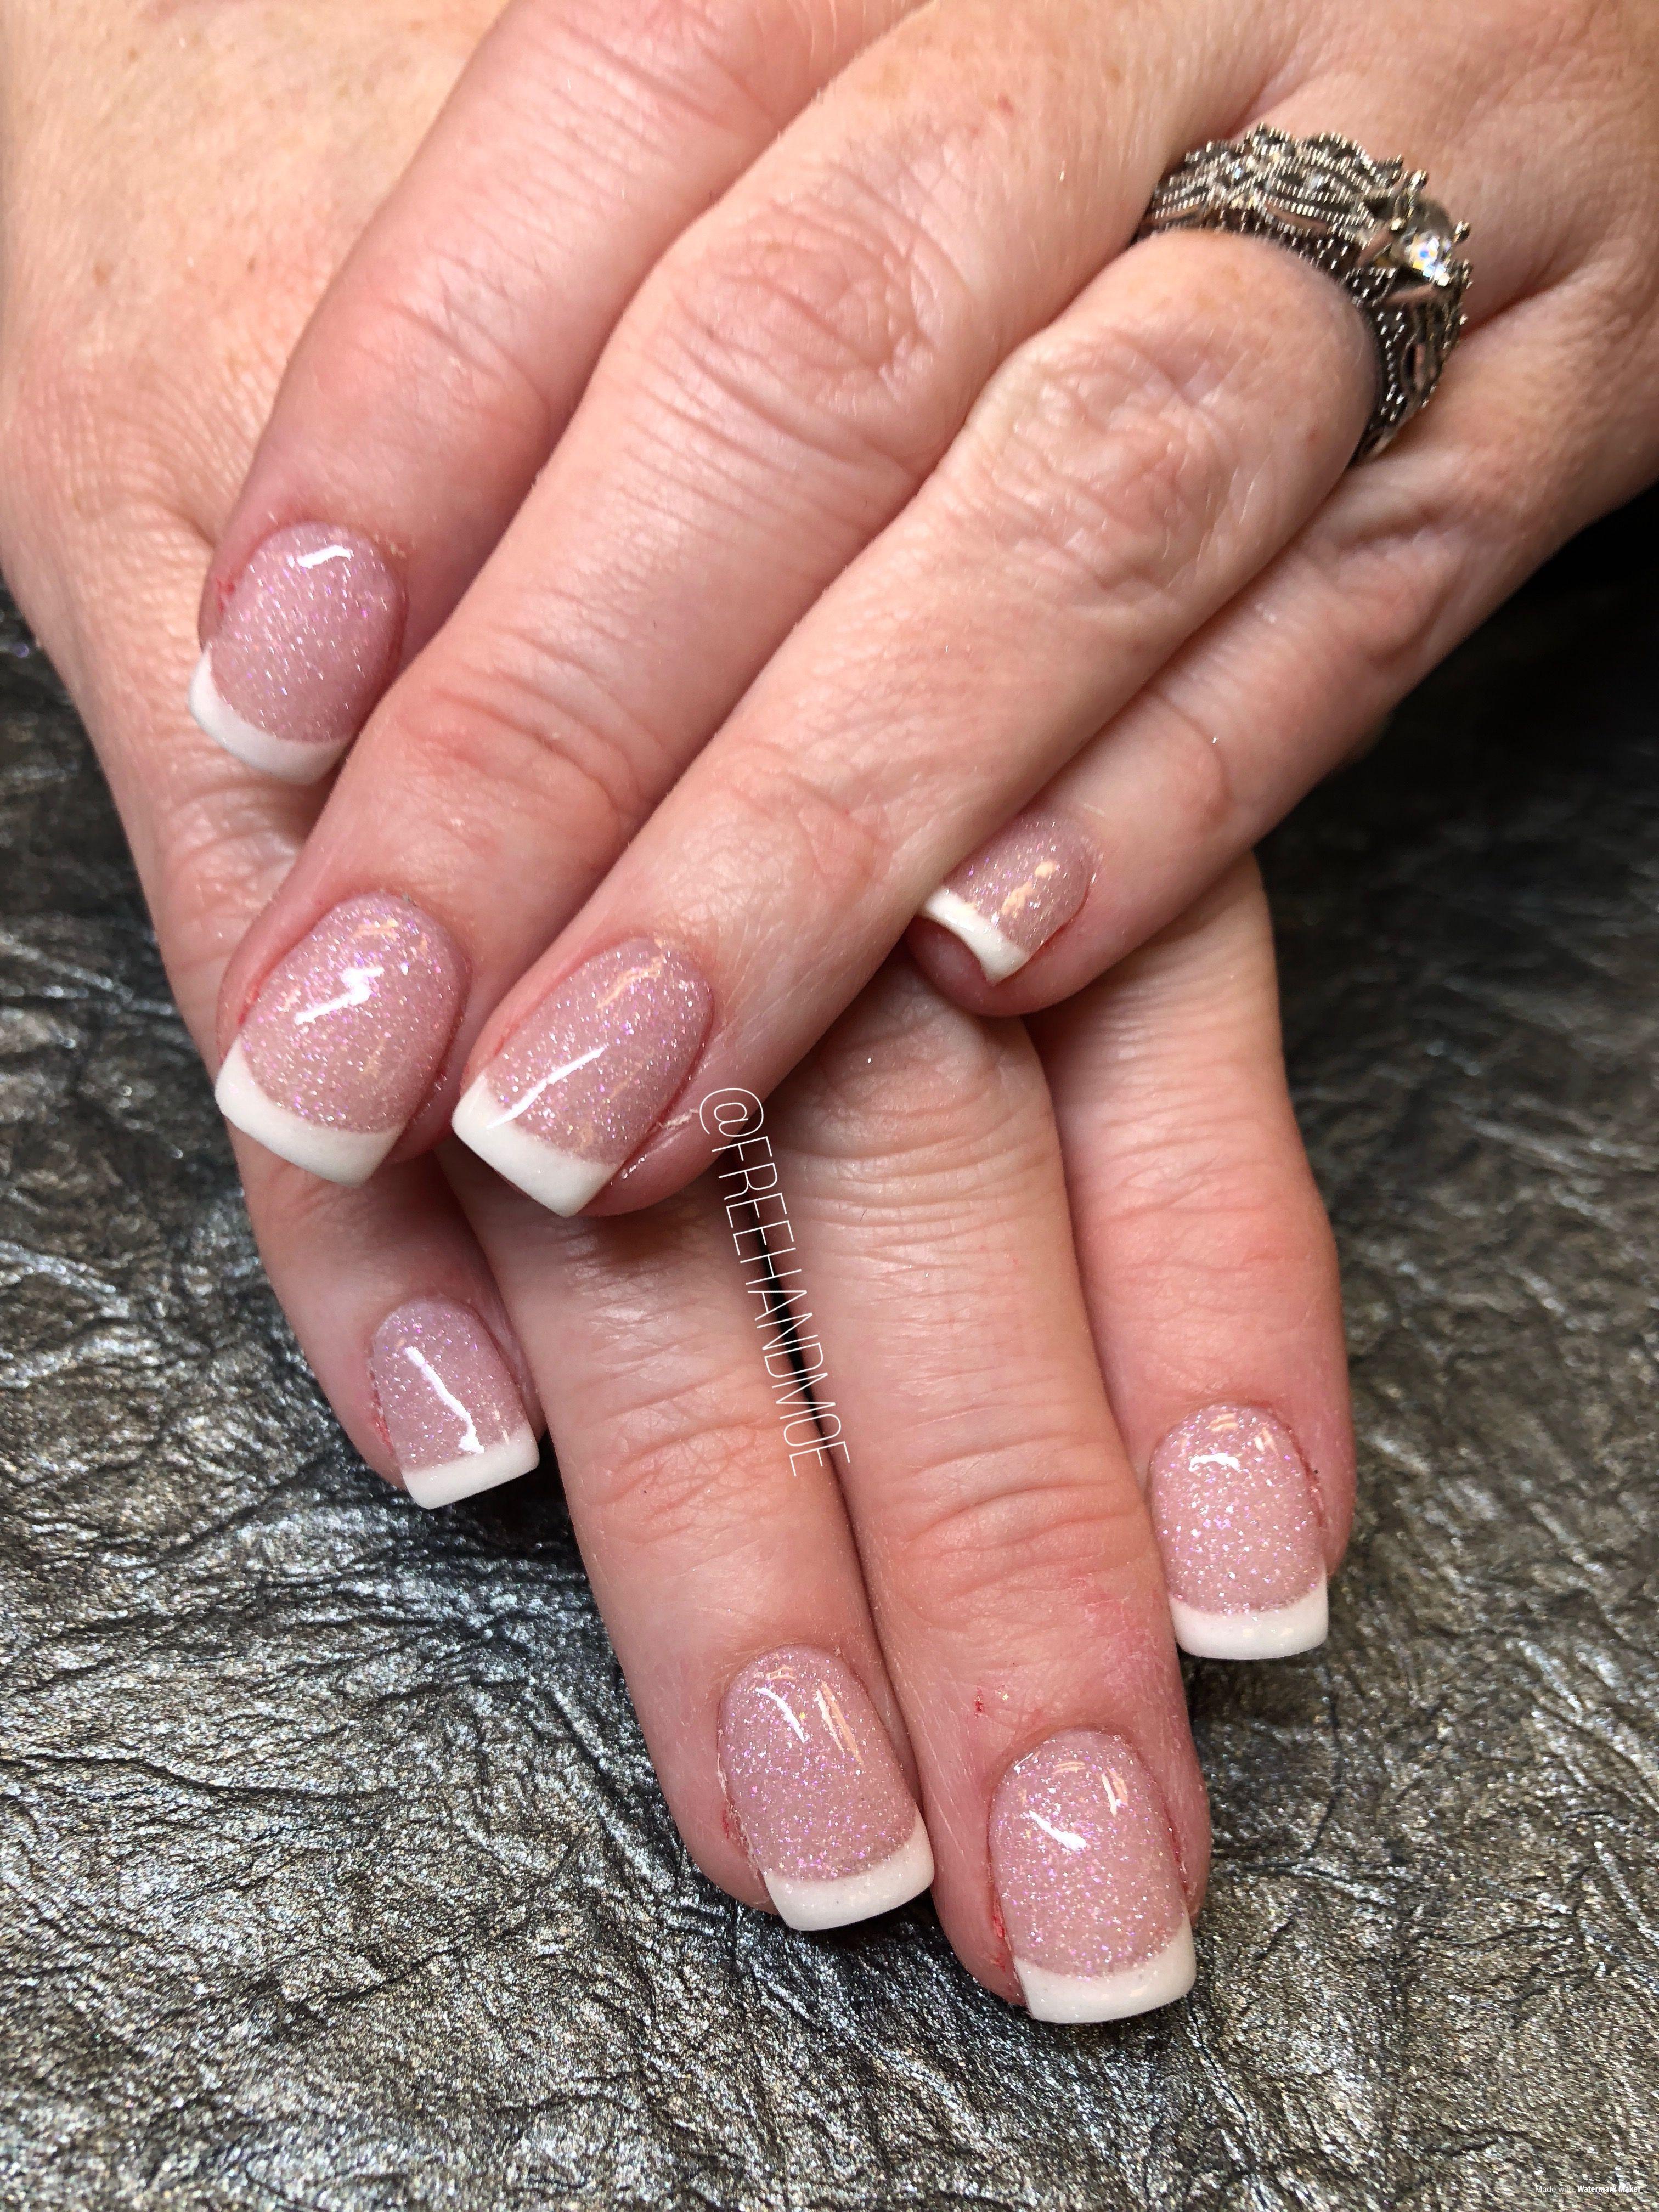 Glitter French Dip Powder Nails | Dip powder nails, Powder ...